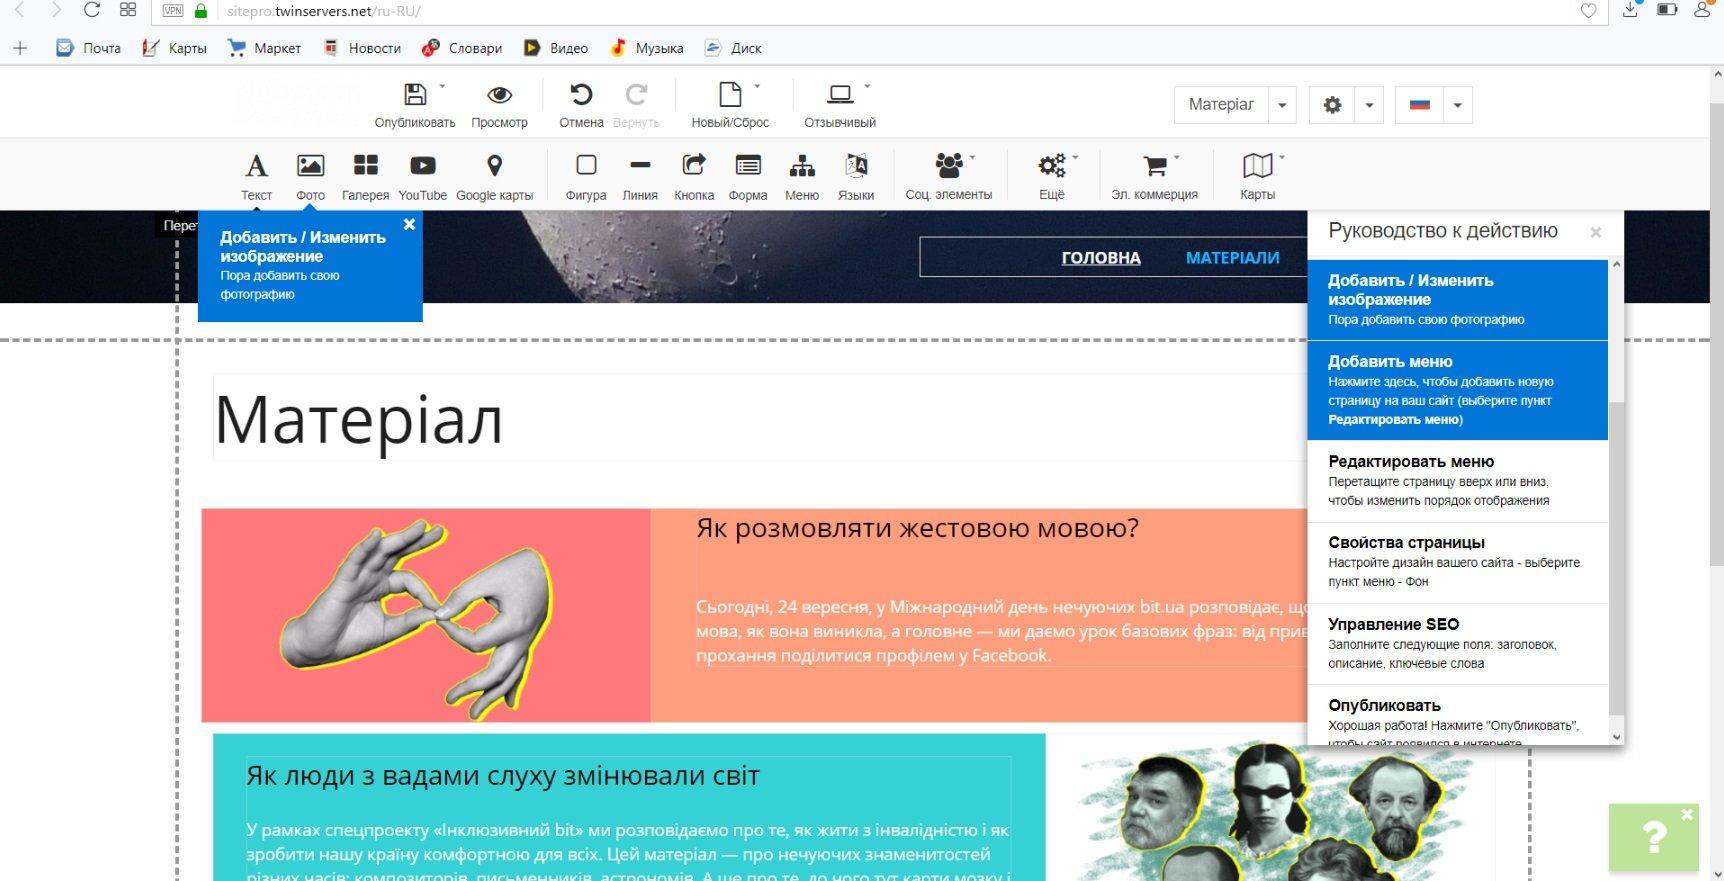 Движок сайта для тестов сайты автопродаж беларусии